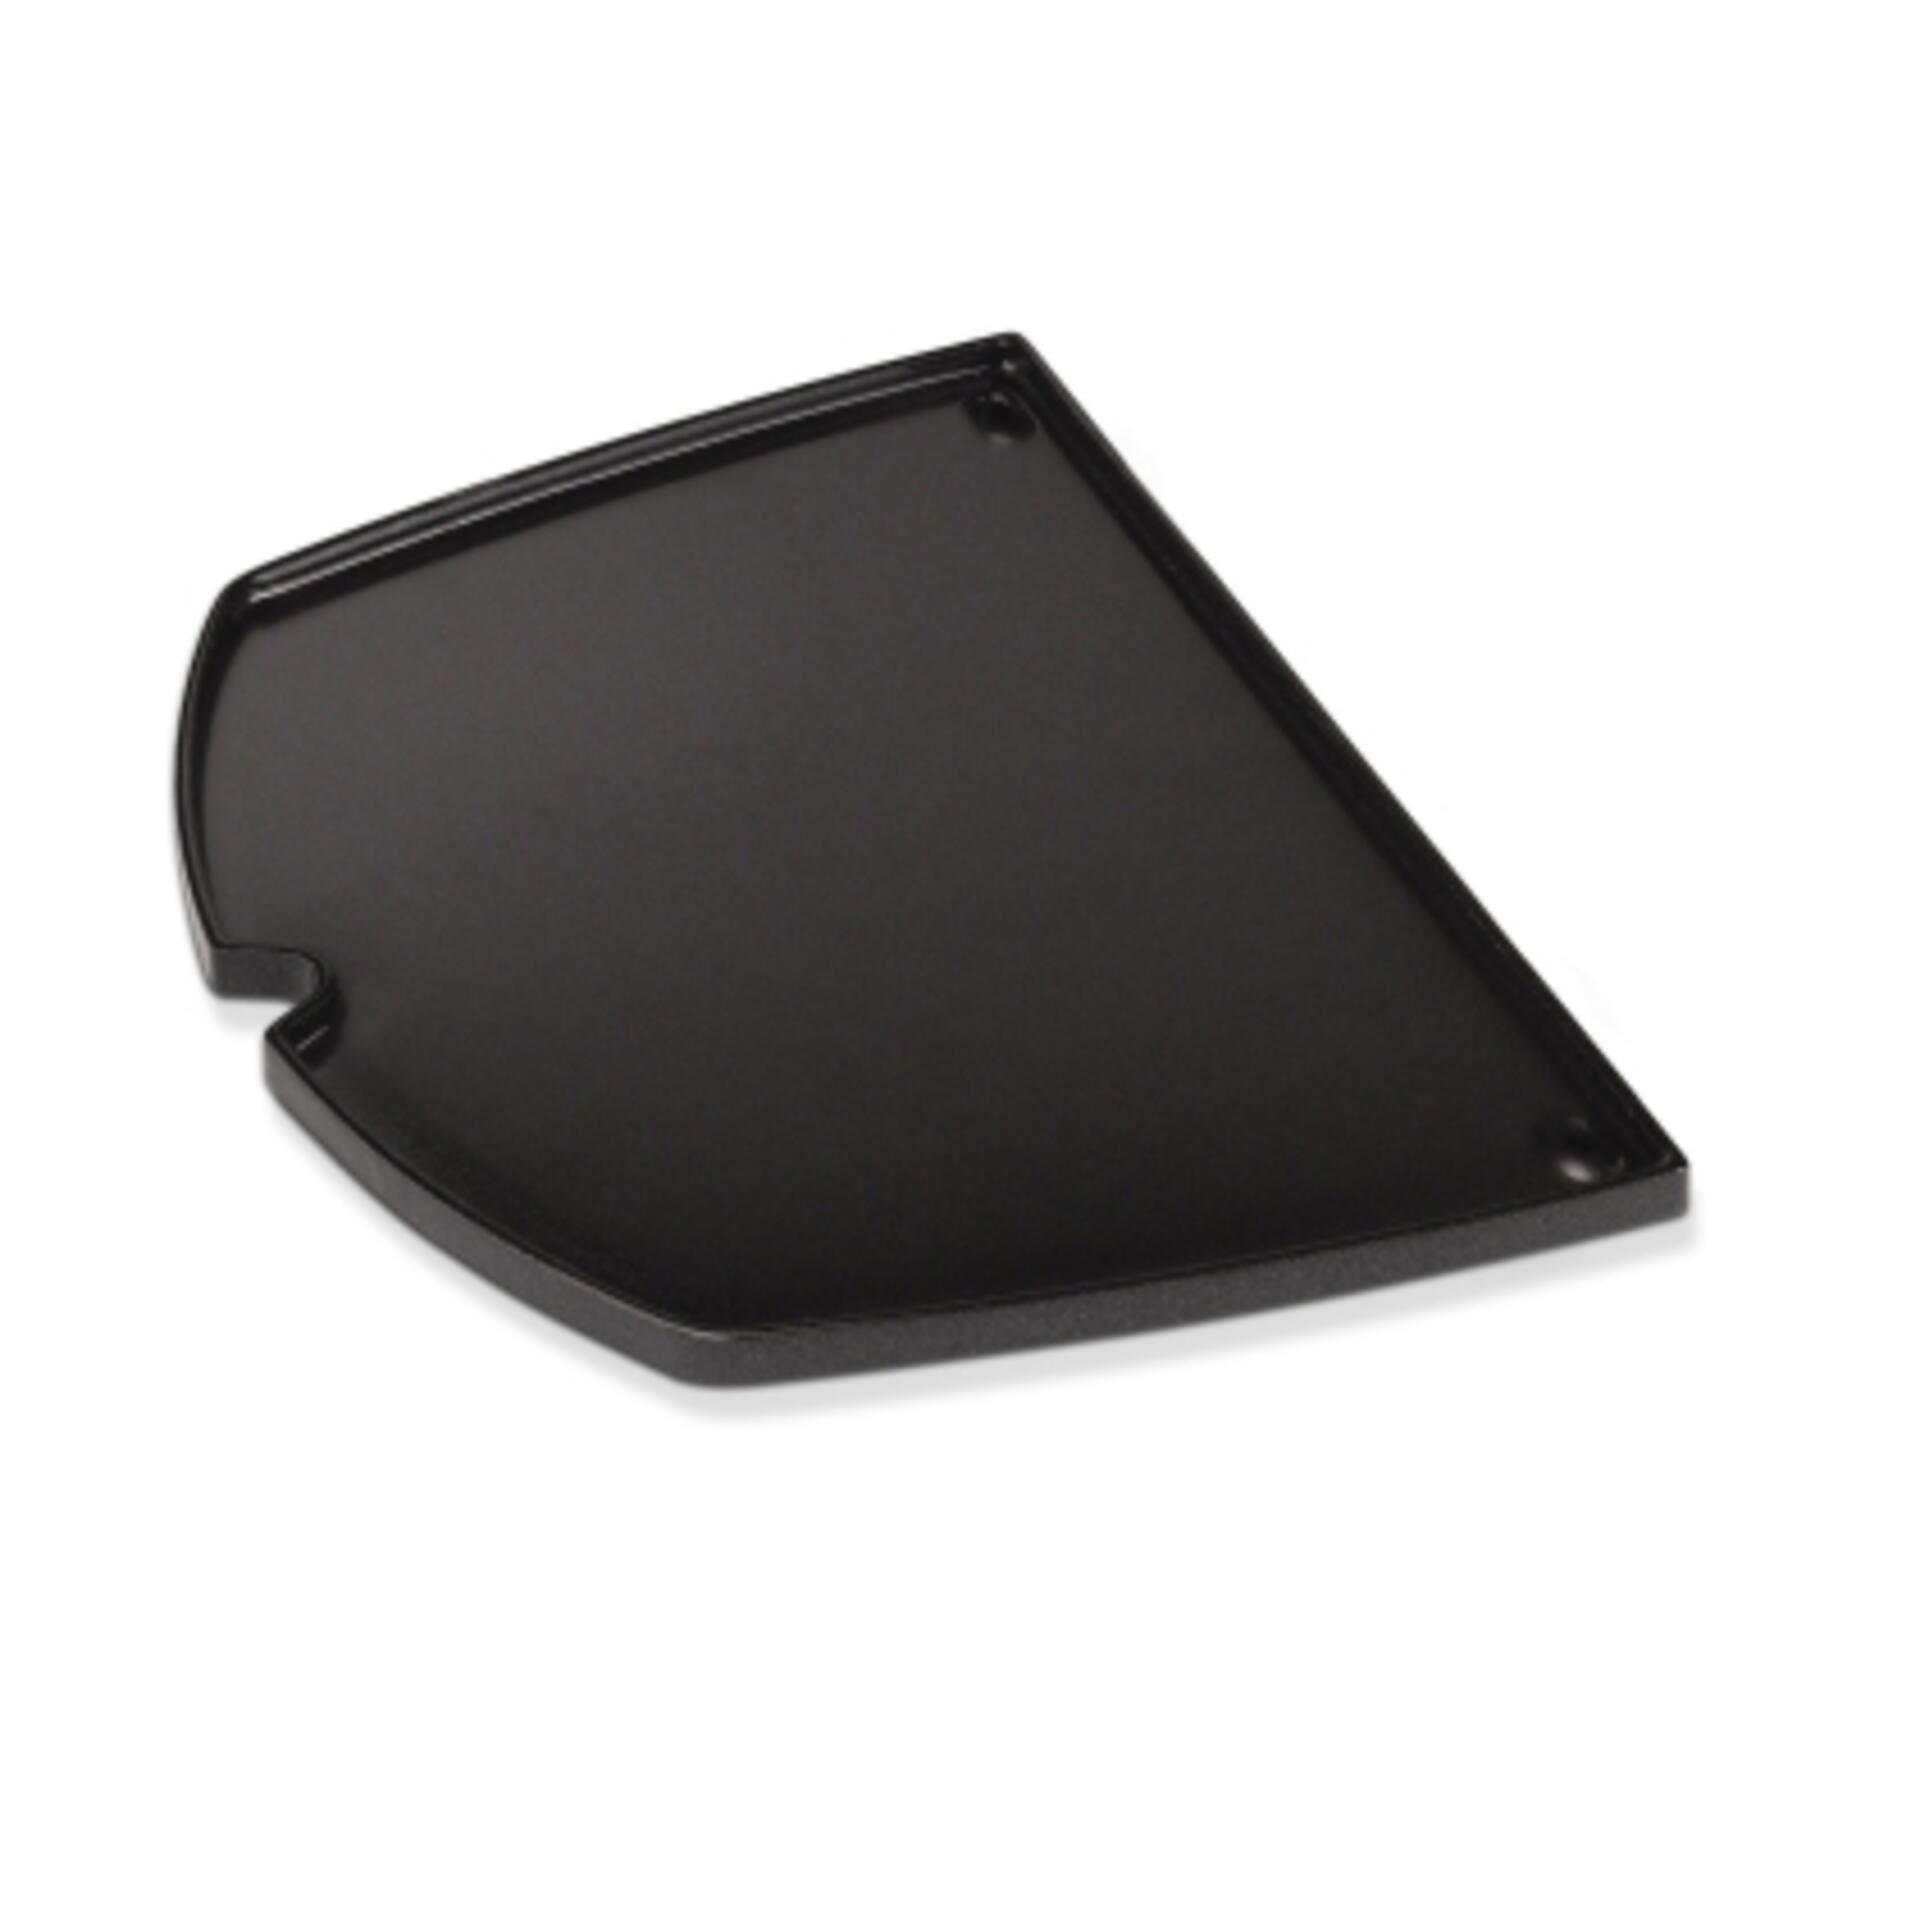 Weber Grillplatte für Q 300-/Q 3000-Serie 6506